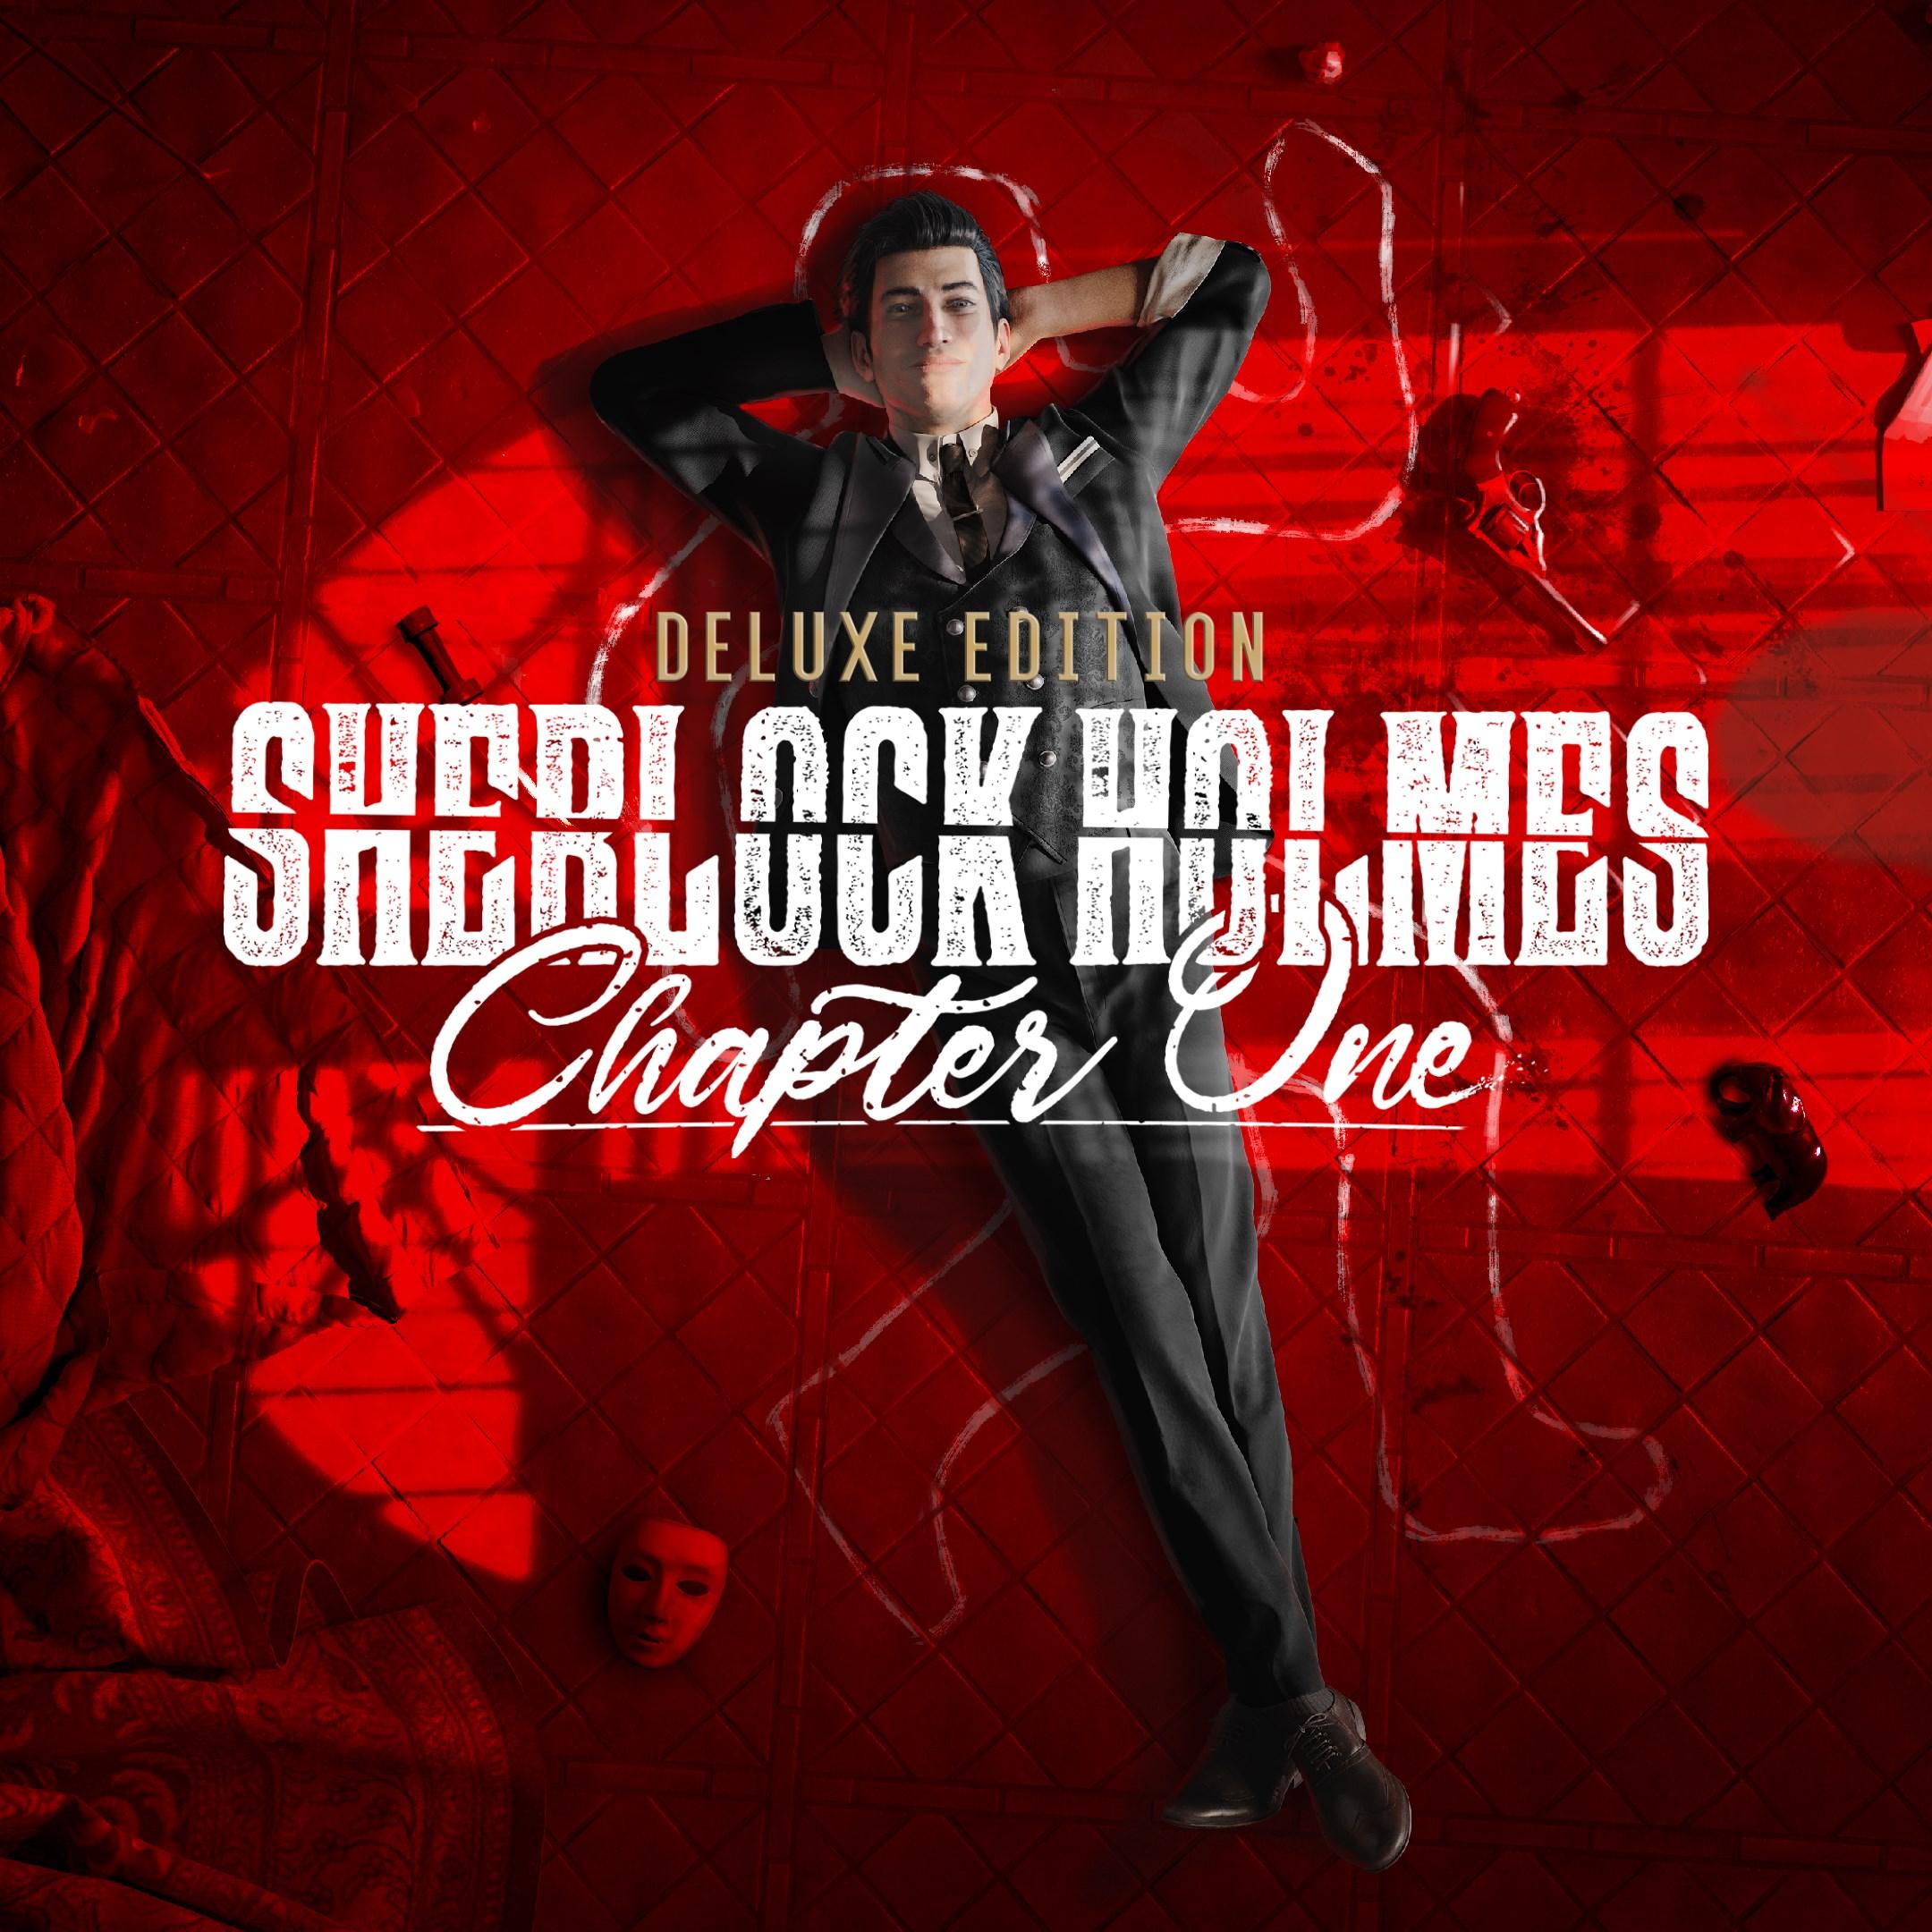 Sherlock Holmes Chapter One 디럭스 에디션선주문